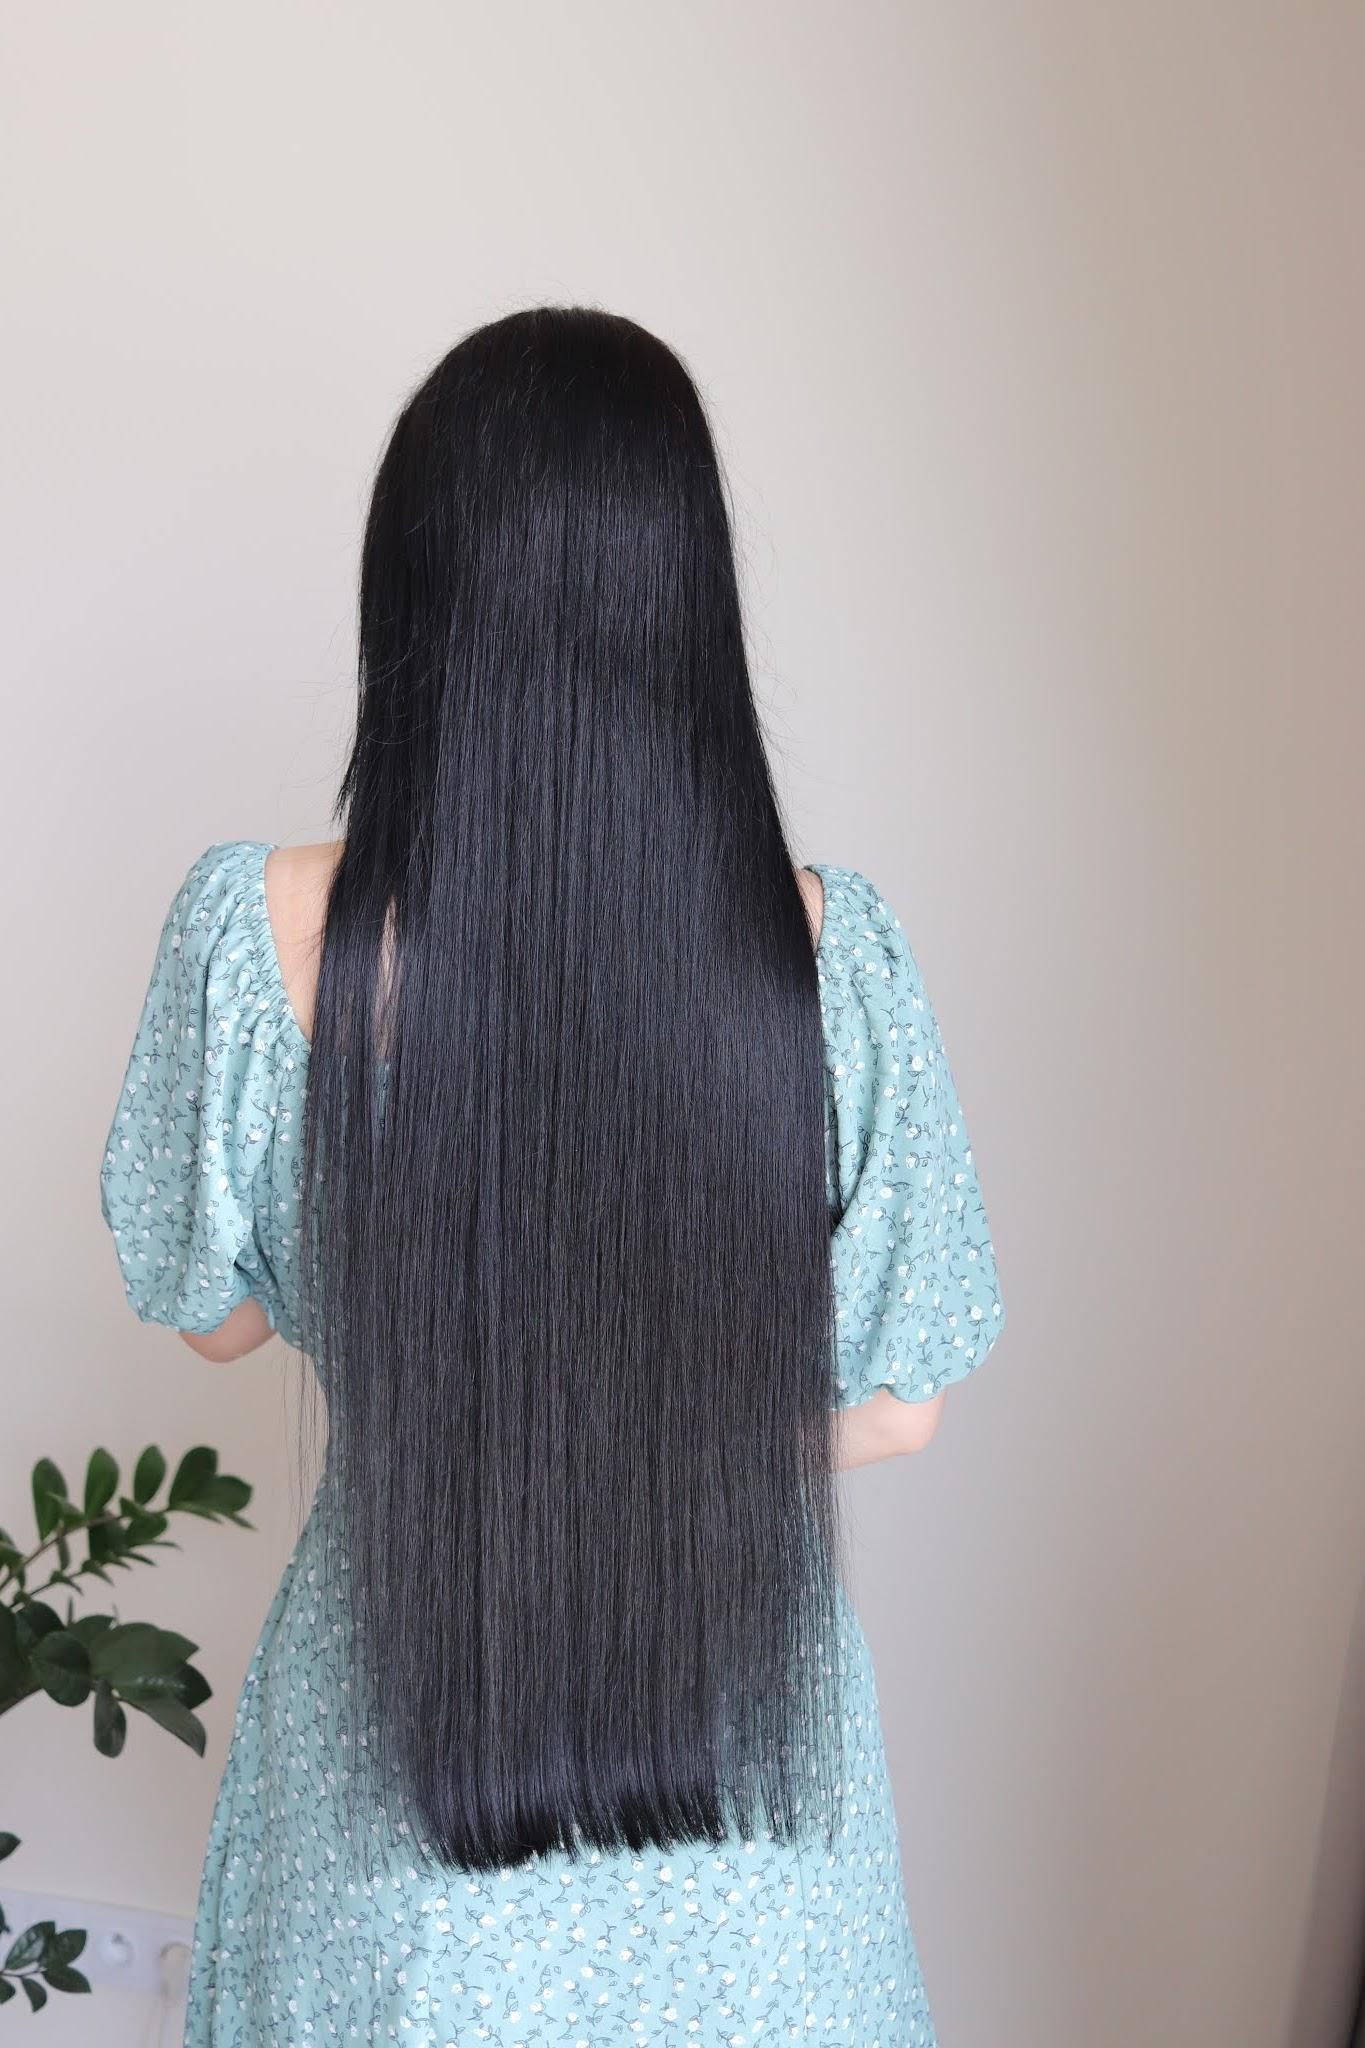 włosy przed cięciem